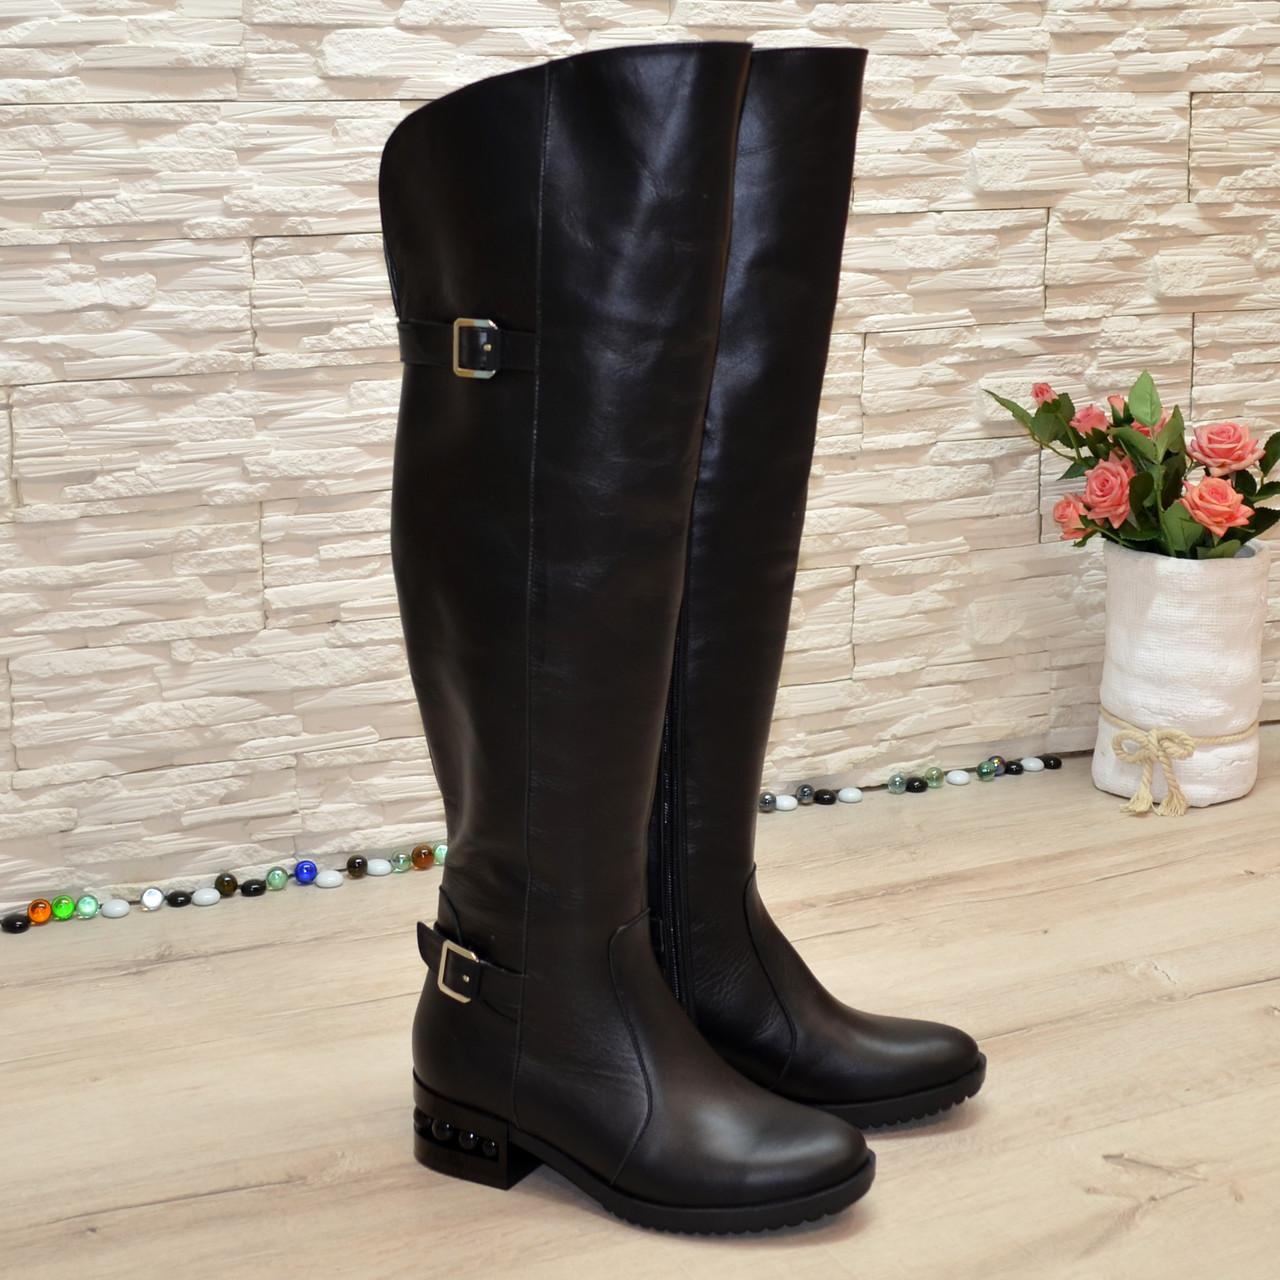 Ботфорты черные кожаные на маленьком каблуке, декорированы ремешками